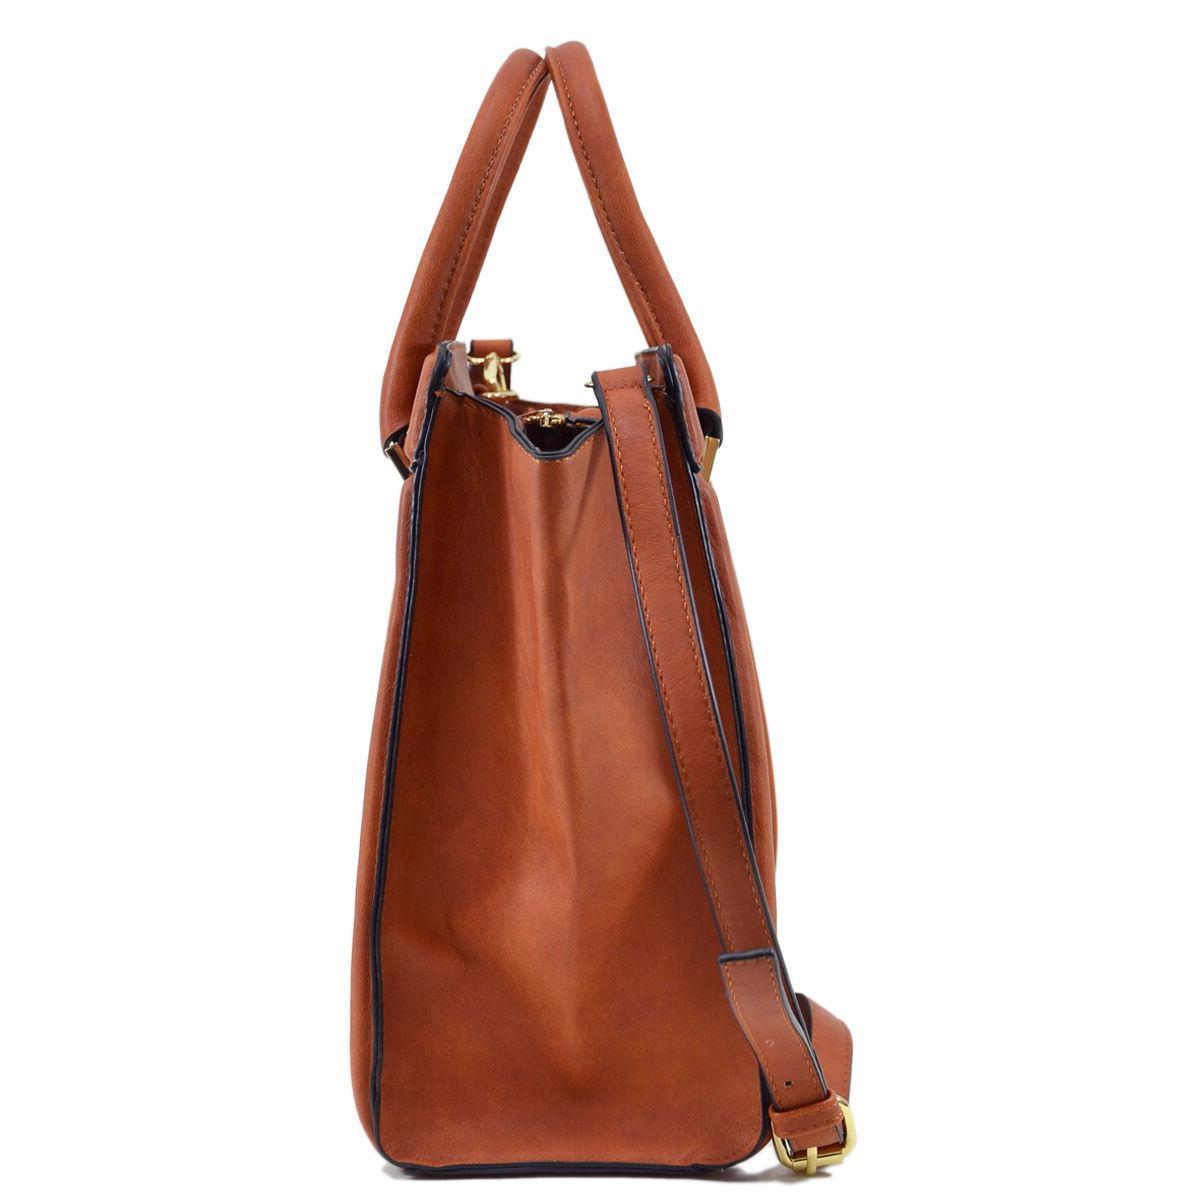 Dasein Womens Handbags Satchels Tote Bag Bags Winged